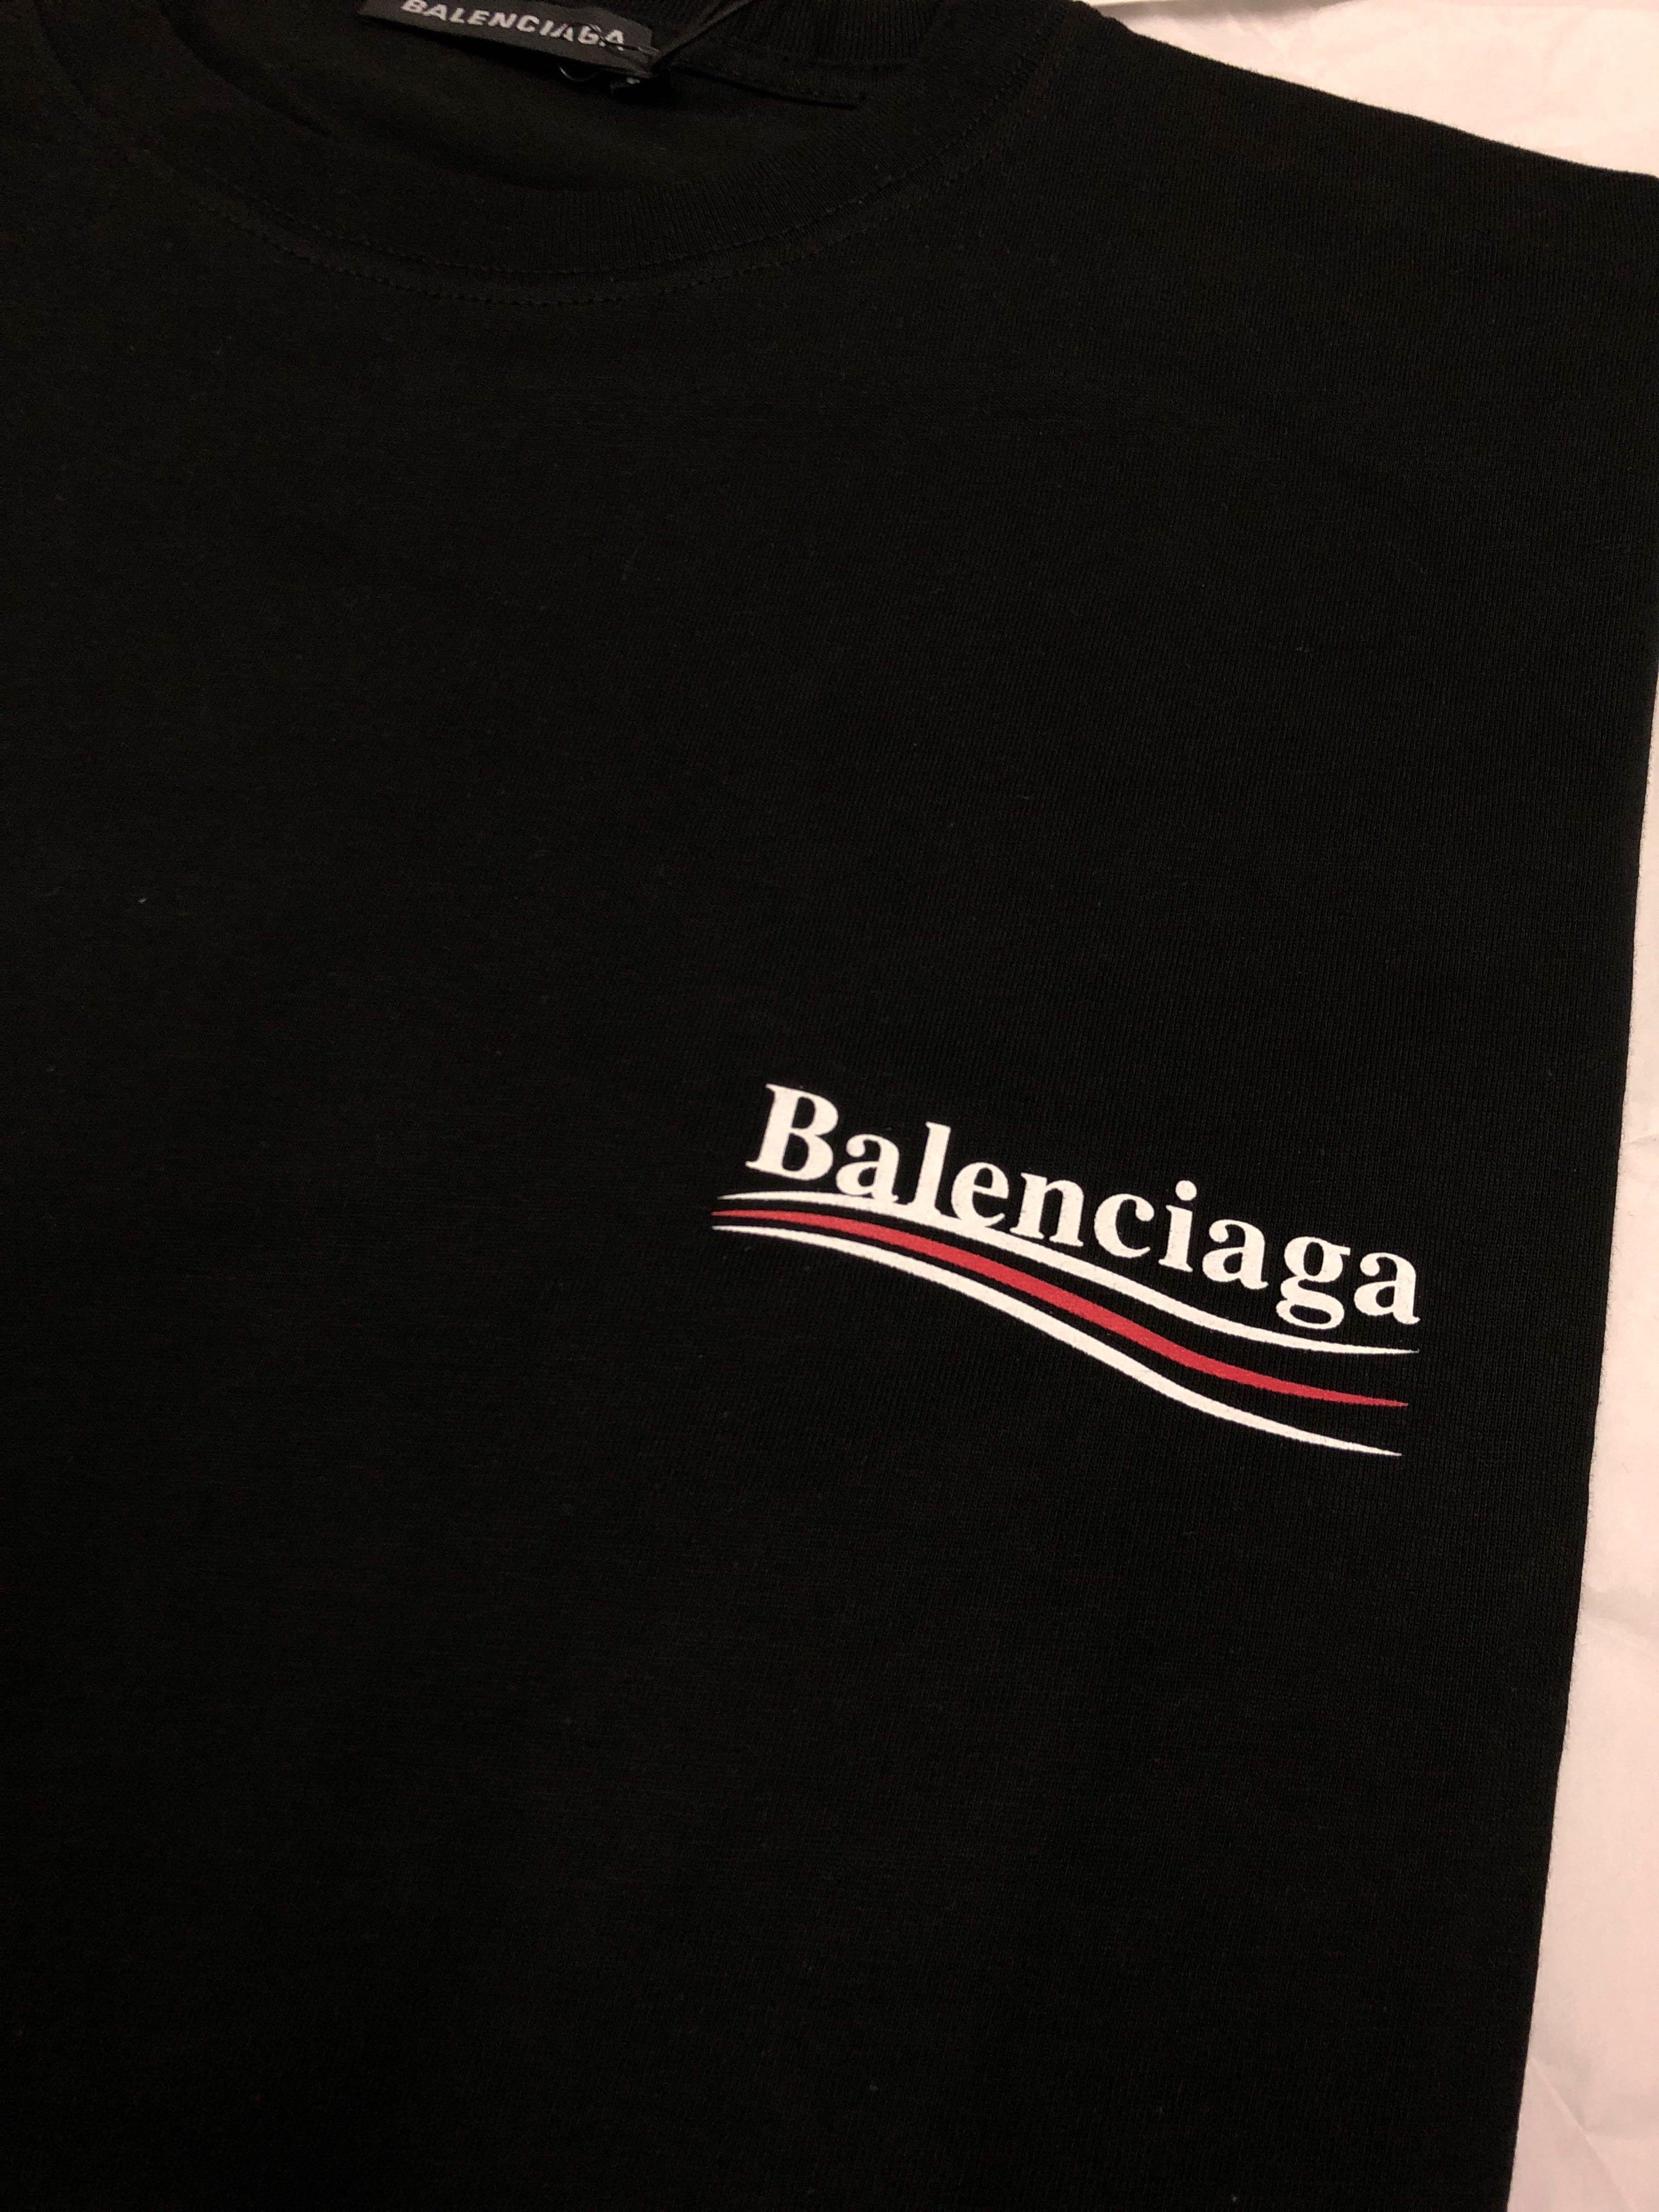 2ff57cf3e WTS BALENCIAGA BERNIE SANDERS BLACK TEE SIZE M, Men's Fashion, Clothes,  Tops on Carousell